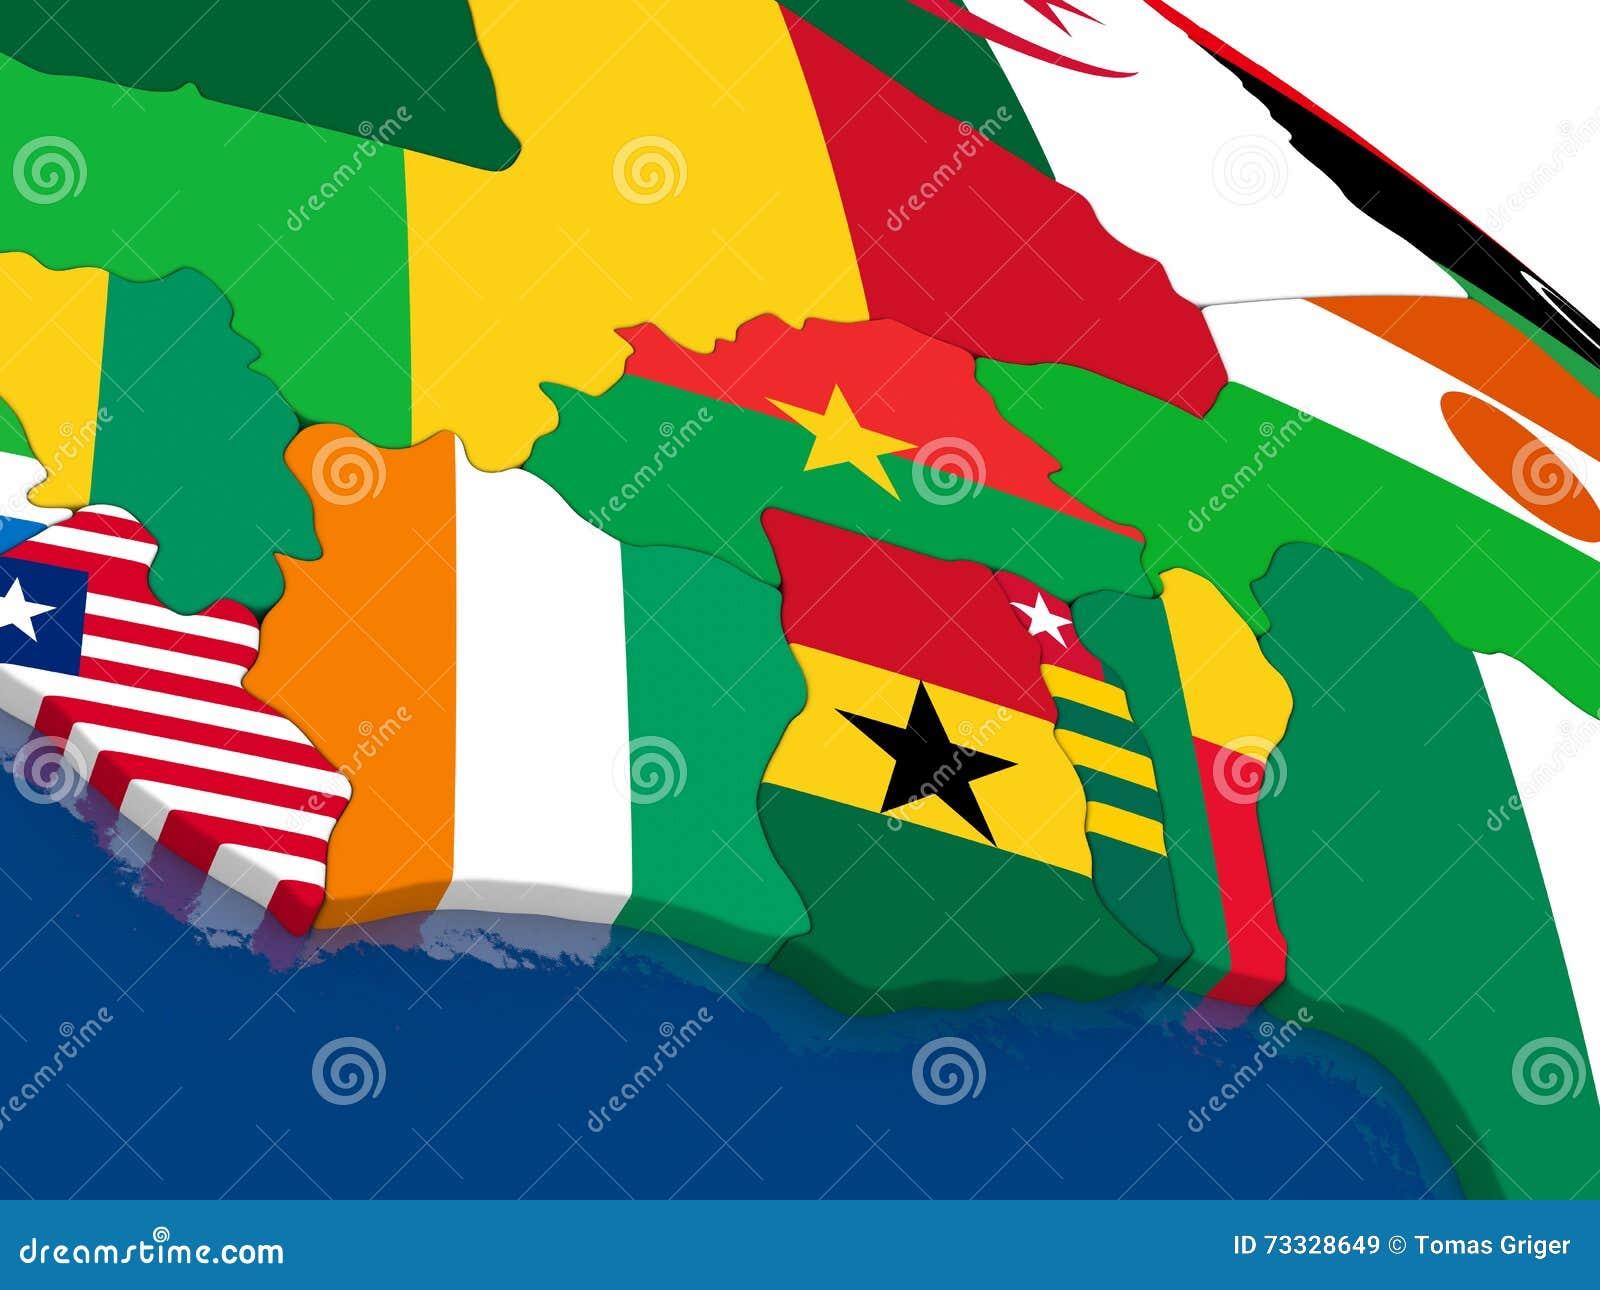 Кот д ивуар-гана